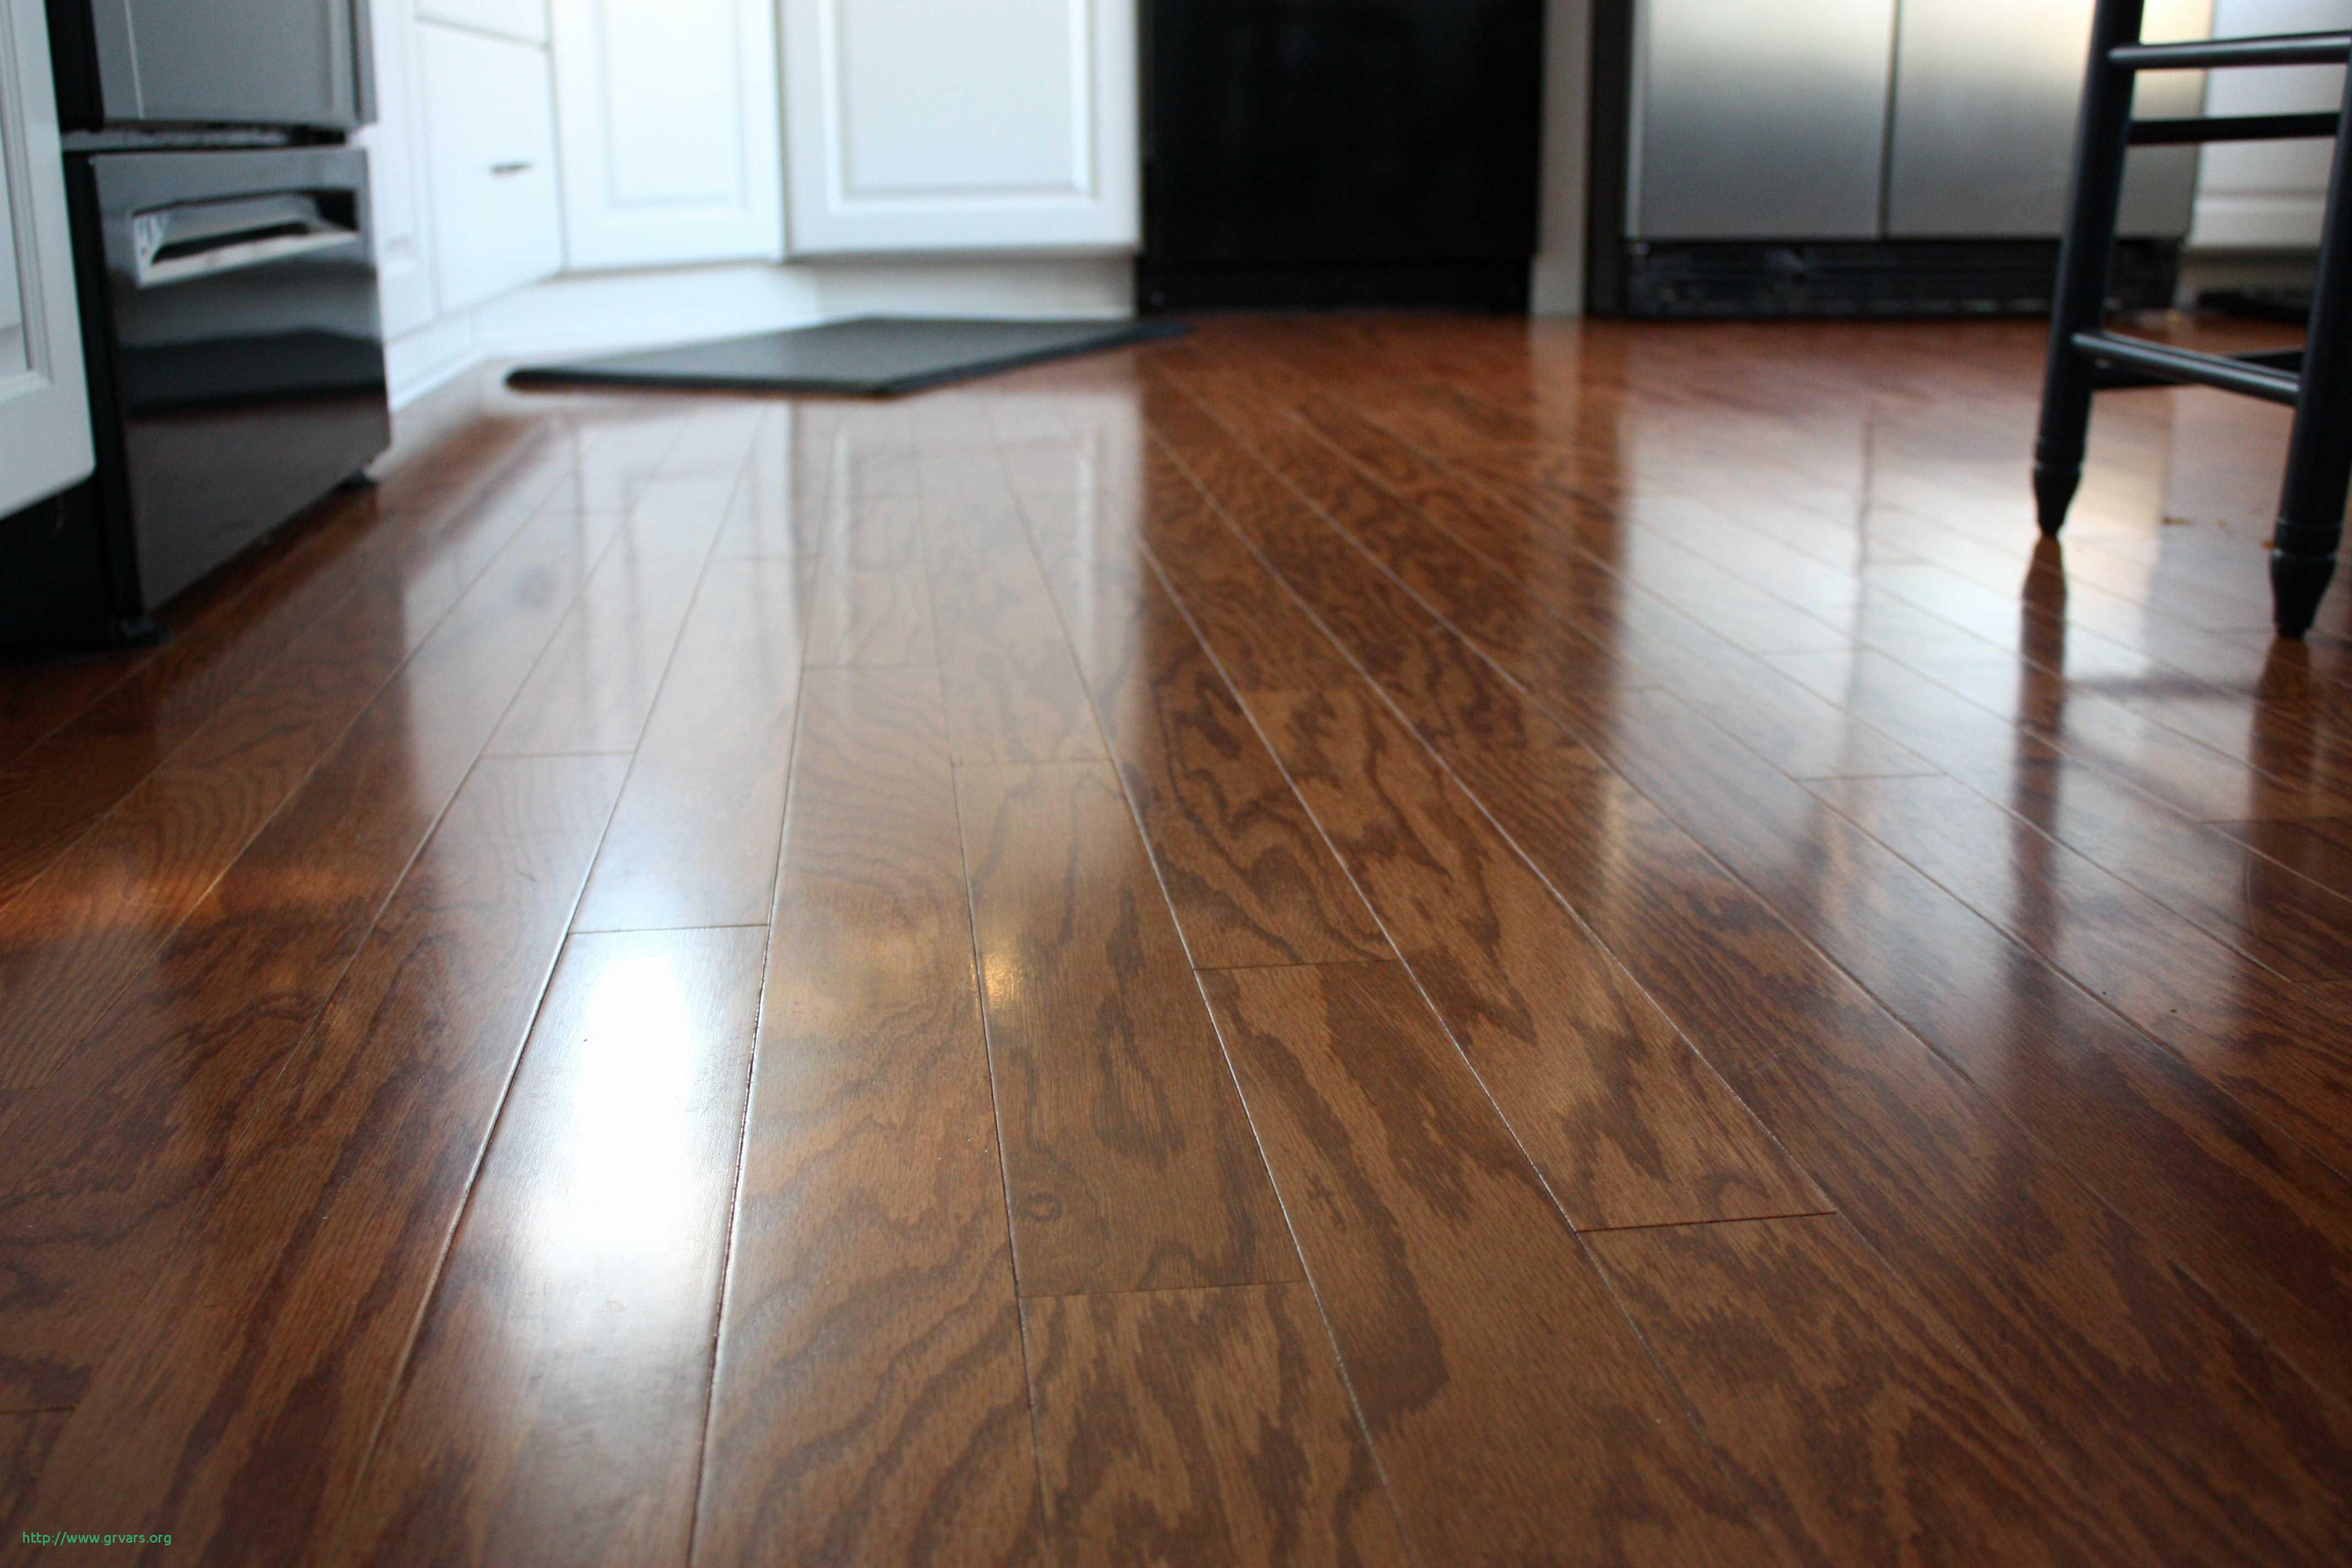 bona hardwood floor cleaning machine of 19 meilleur de what is the best mop for wooden floors ideas blog in what is the best mop for wooden floors charmant wood floor cleaner